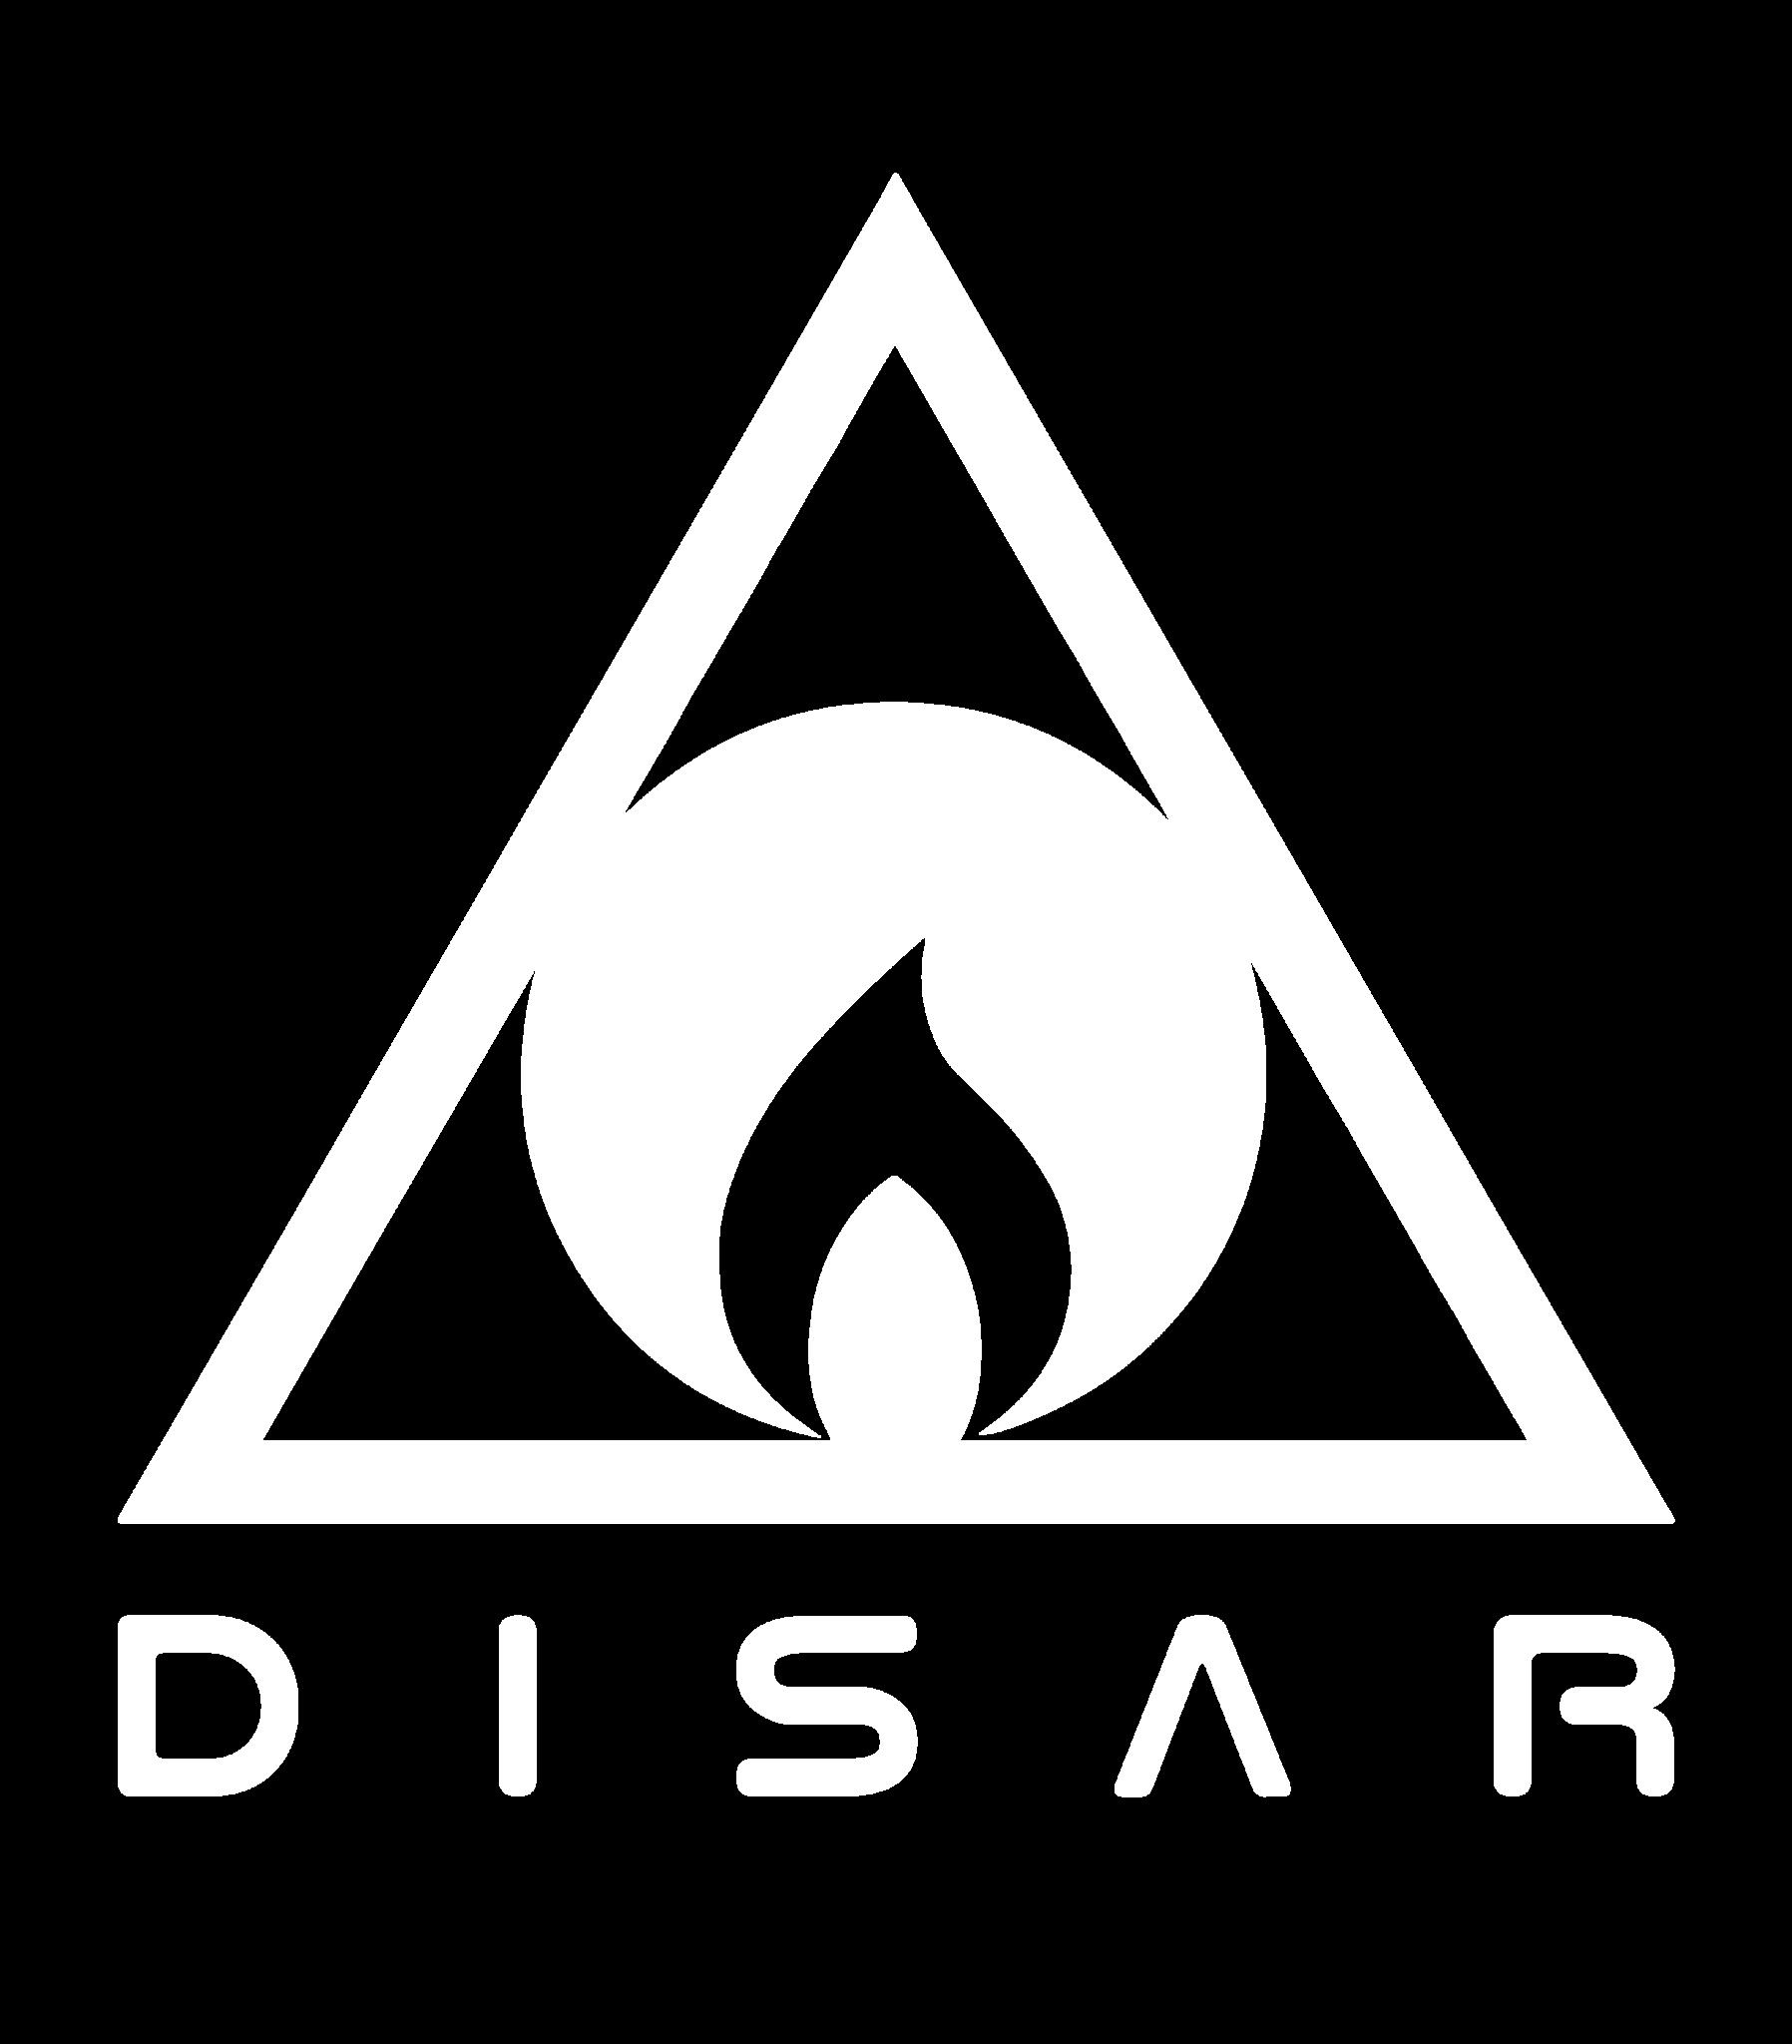 Disar